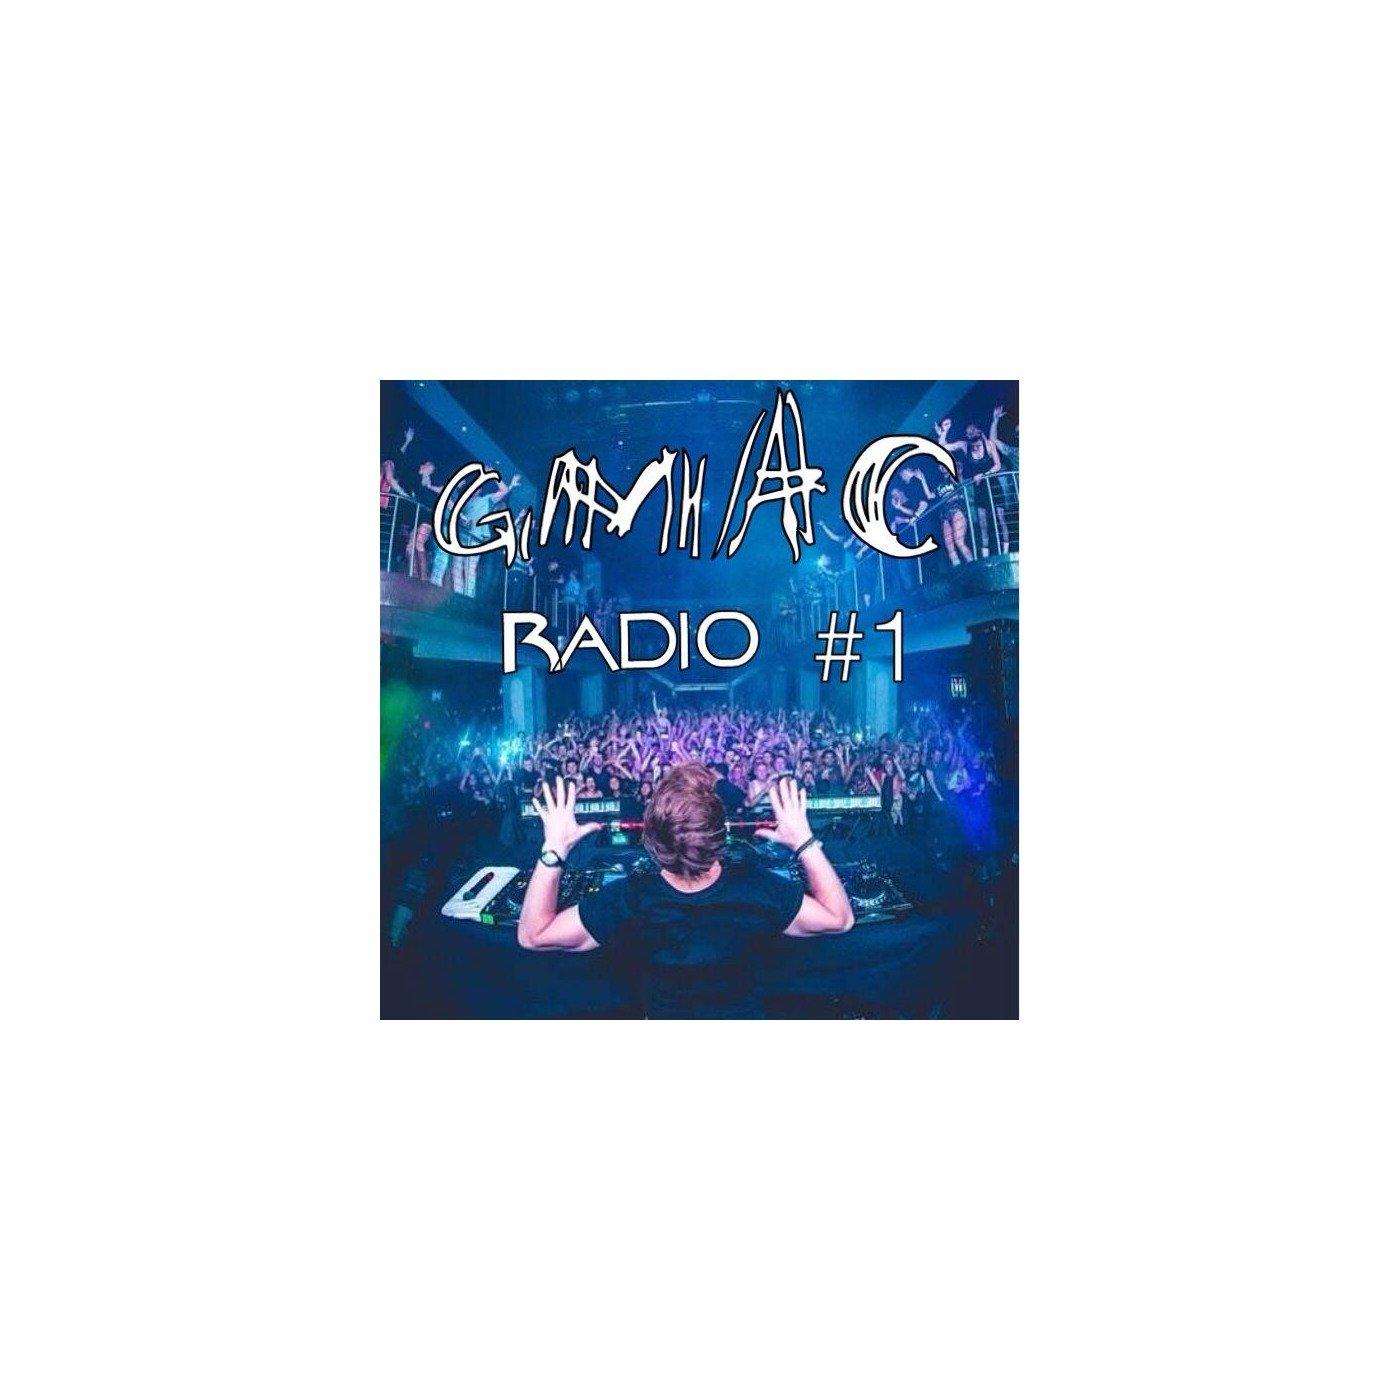 <![CDATA[GMAC RADIO Podcast]]>